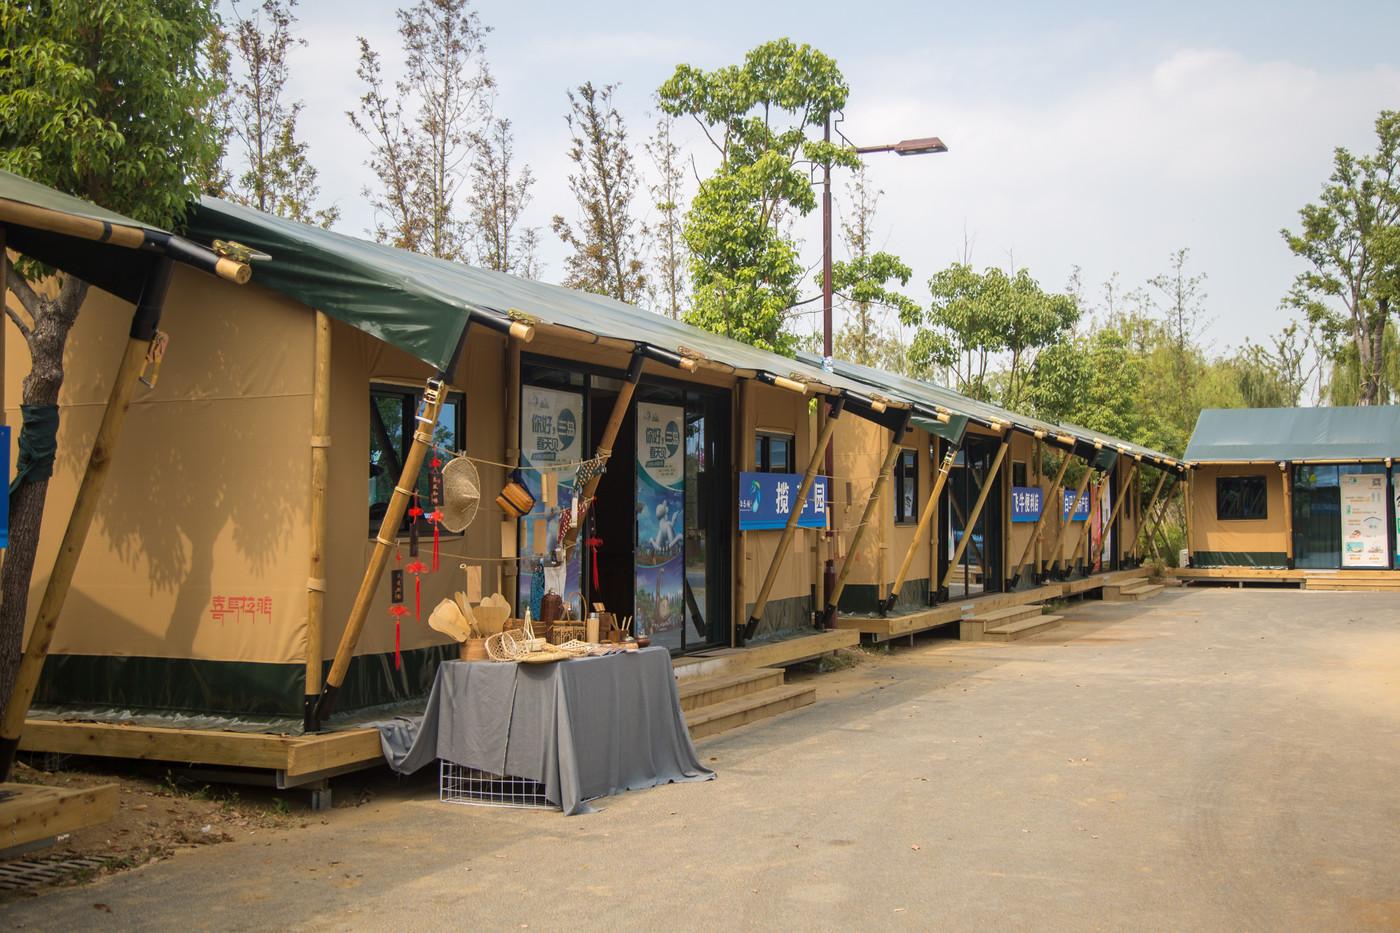 喜马拉雅野奢帐篷酒店—淮安白马湖度假区商铺3